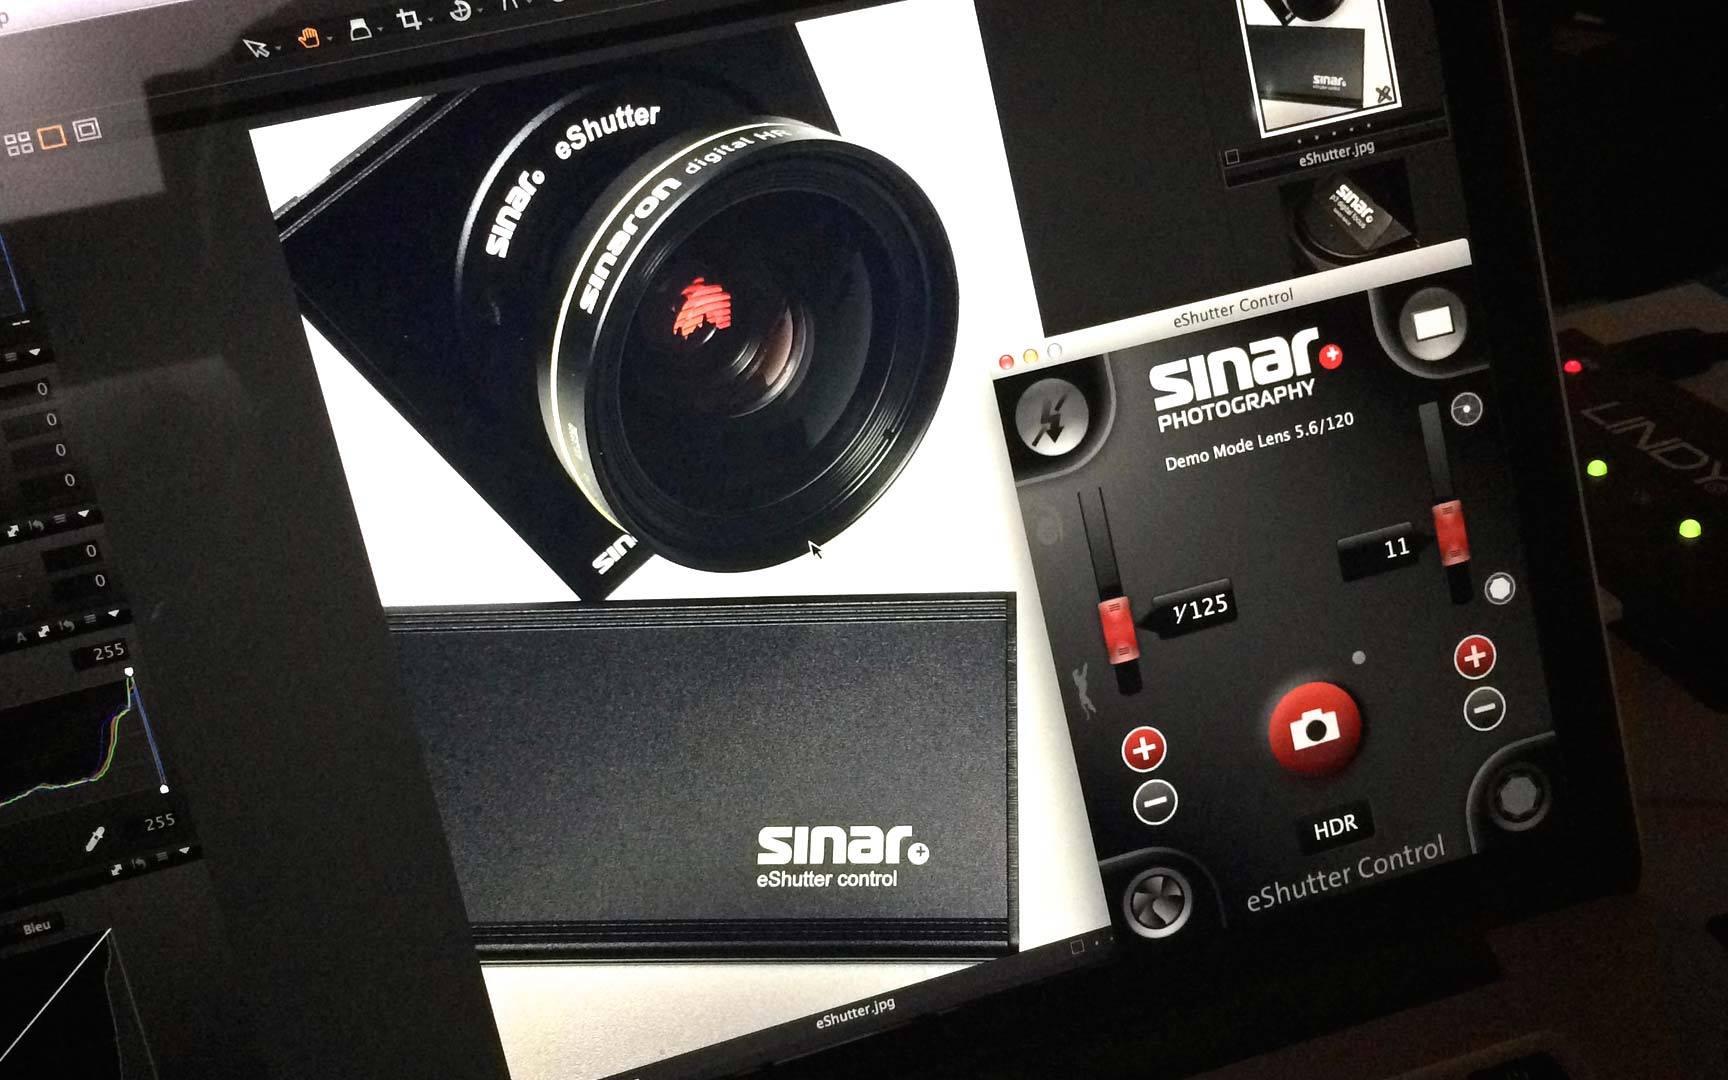 Système d'obturateur Sinar eShutter